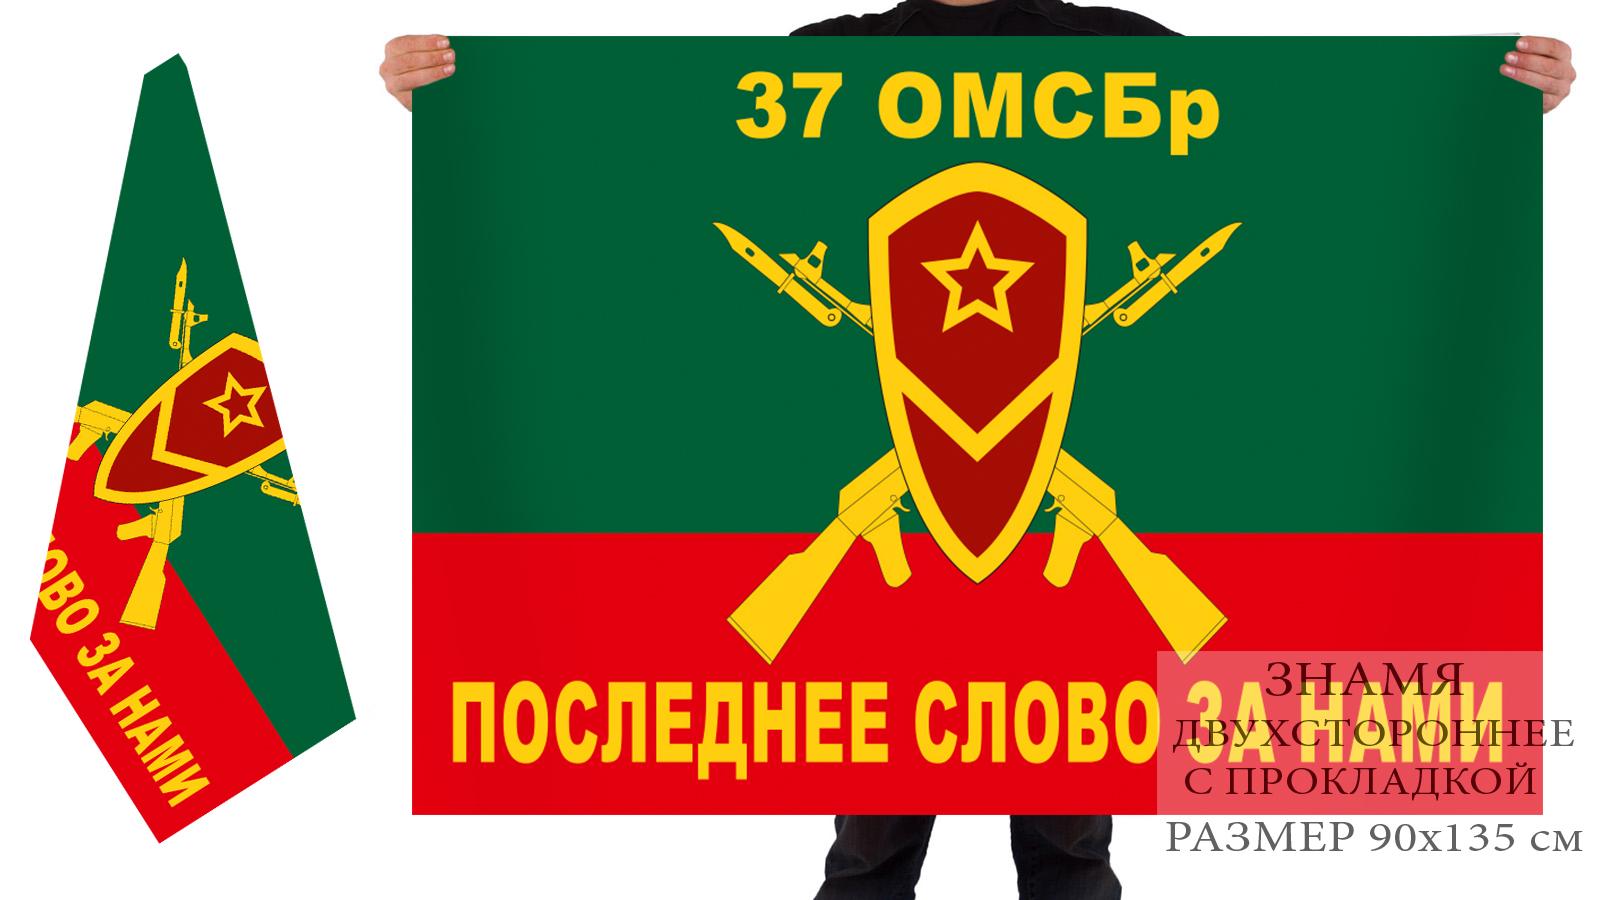 Заказать в Москве двухсторонний флаг 37-ой ОМСБр